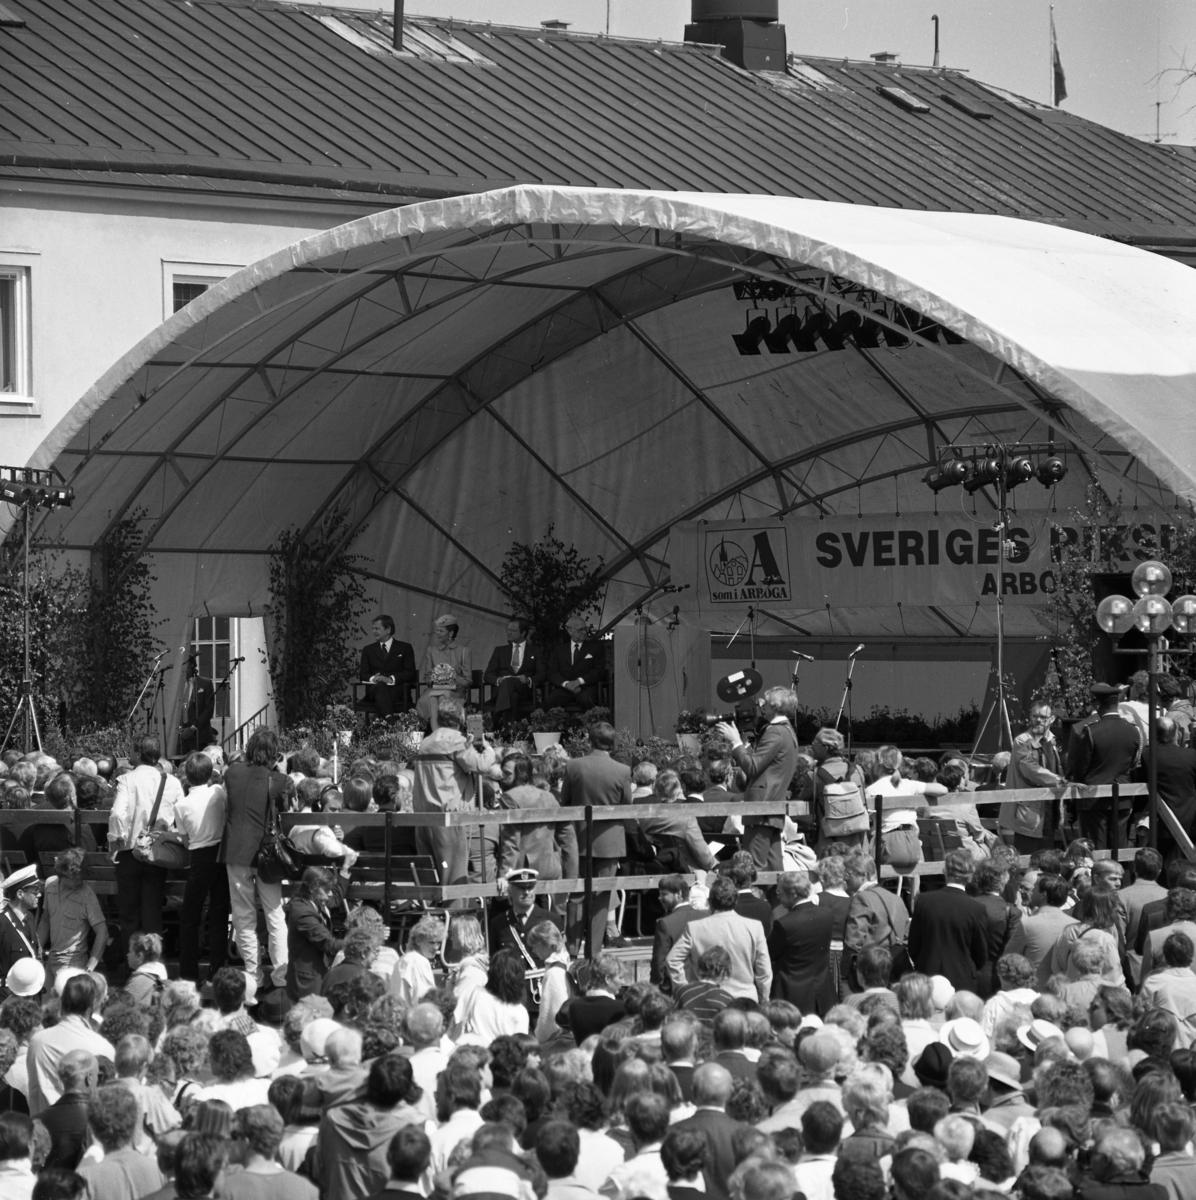 I Arboga firas 550-årsminnet av Sveriges första riksdag.  En scen är uppbyggd vid Rådhusgården. Där sitter, från vänster, statsminister Olof Palme, drottning Silvia, Kung Carl XVl Gustaf och talman Ingemund Bengtsson. Fotografer och poliser syns bland publiken. Riksdagsjubileet.